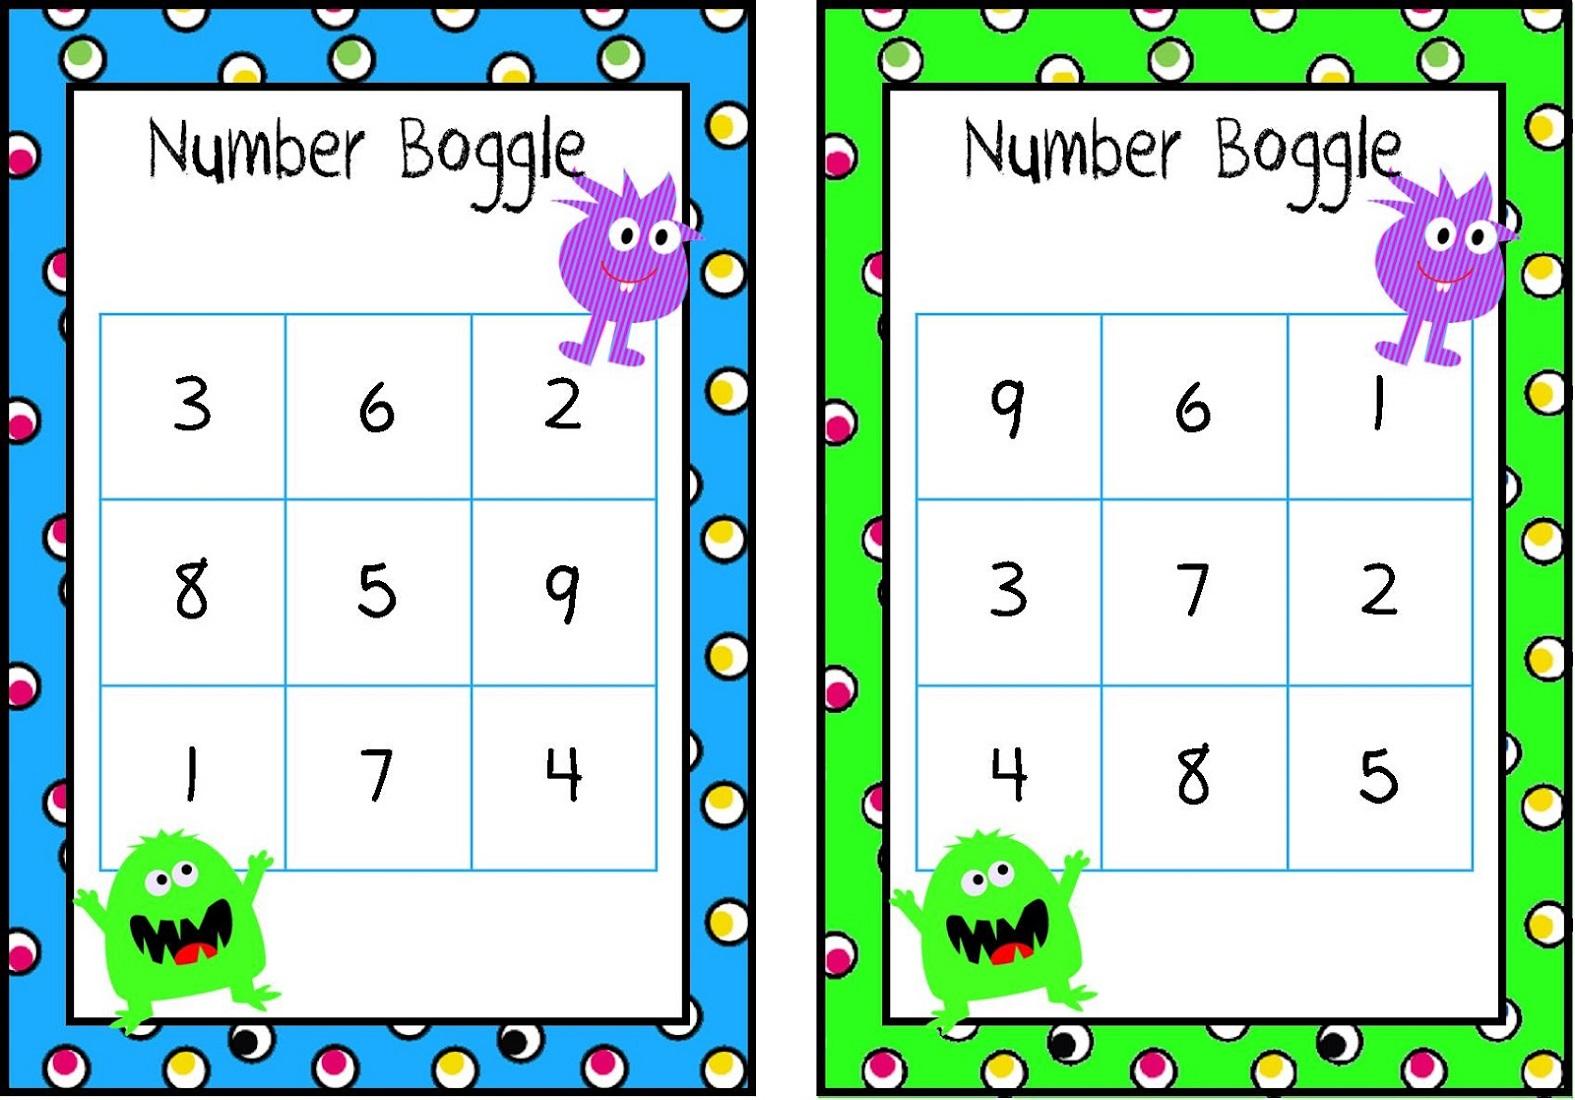 Number Boggle for Kids